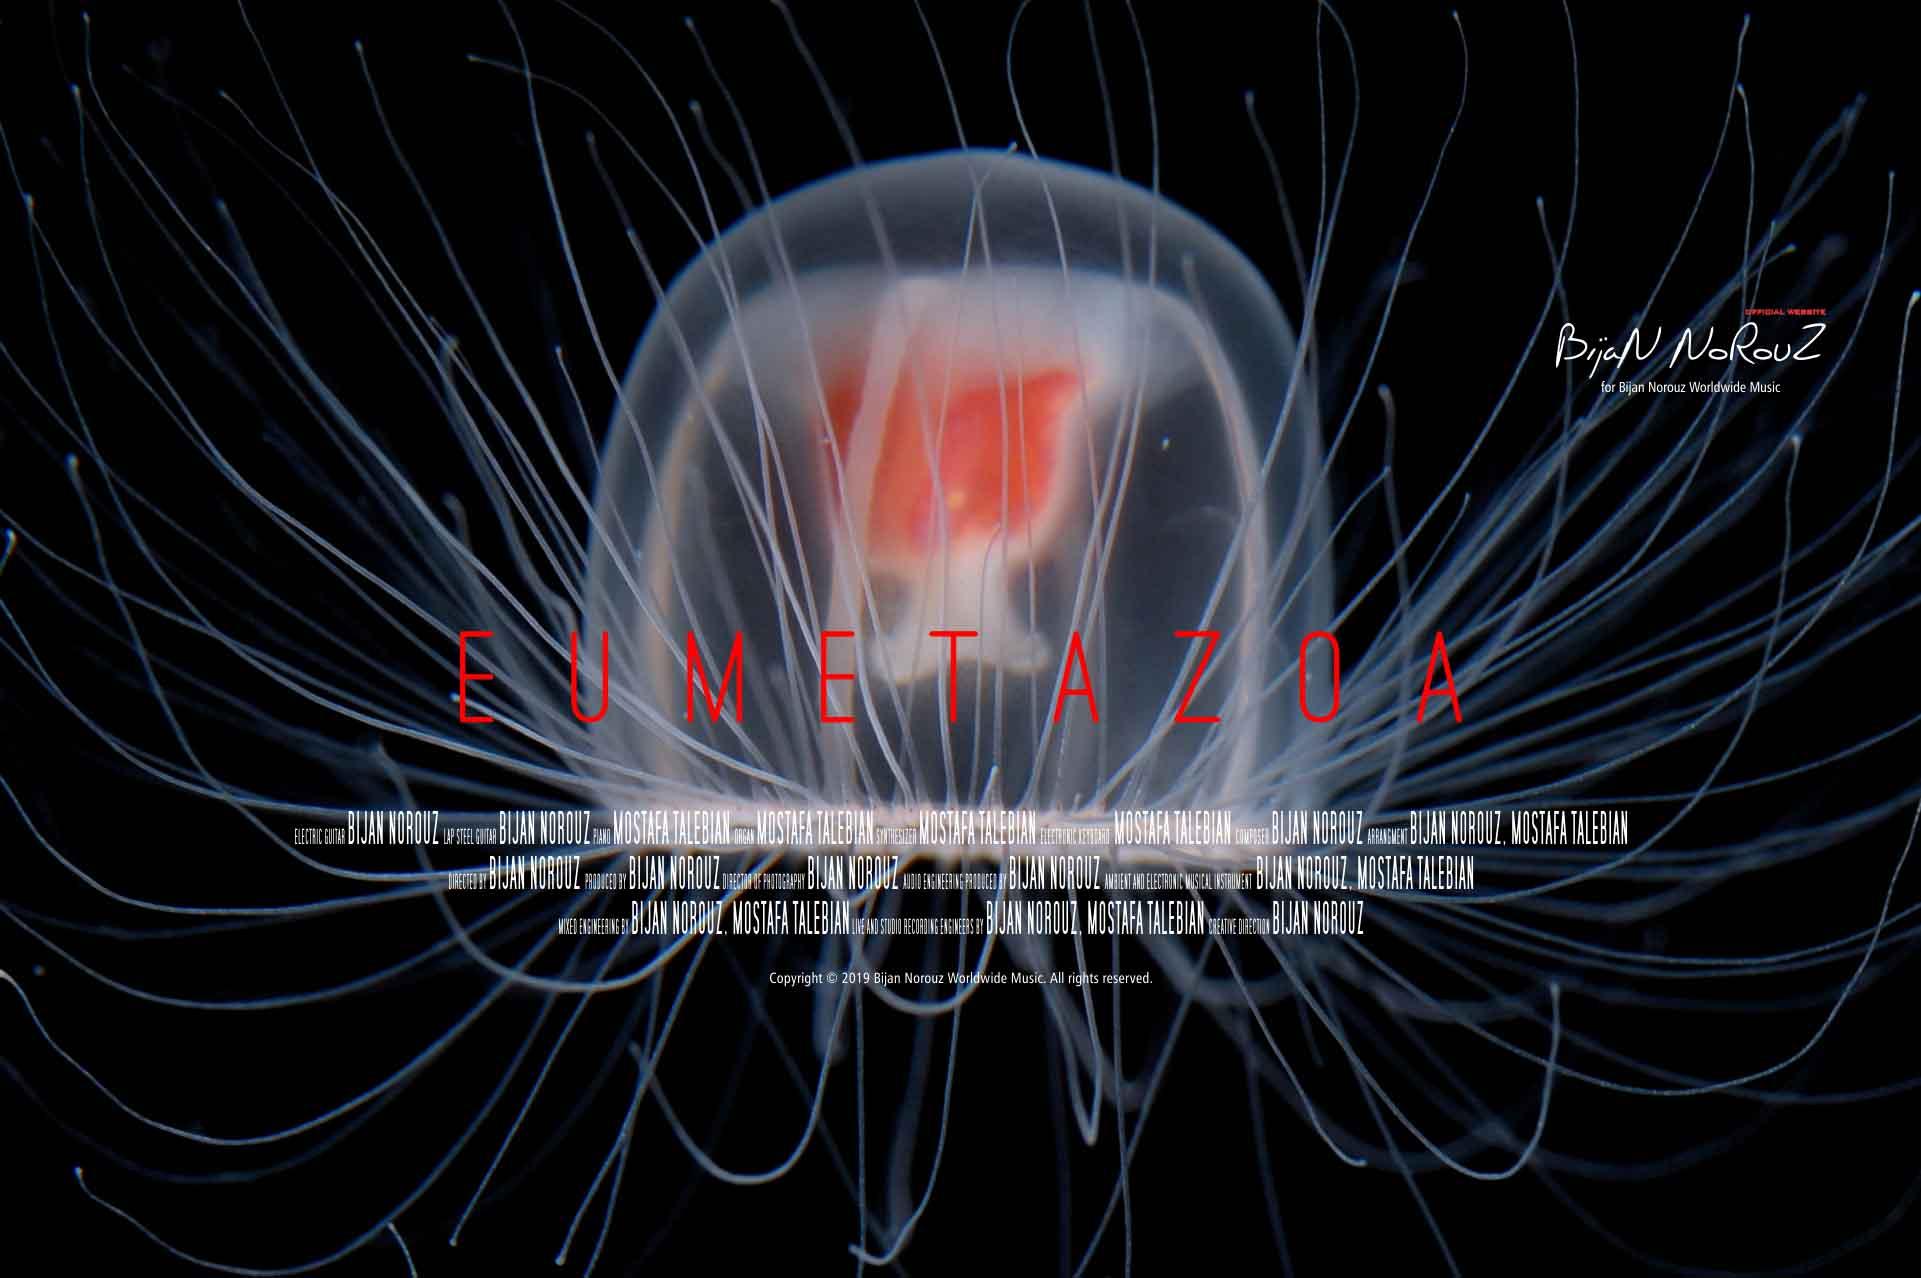 eumetazoa-bijan-norouz